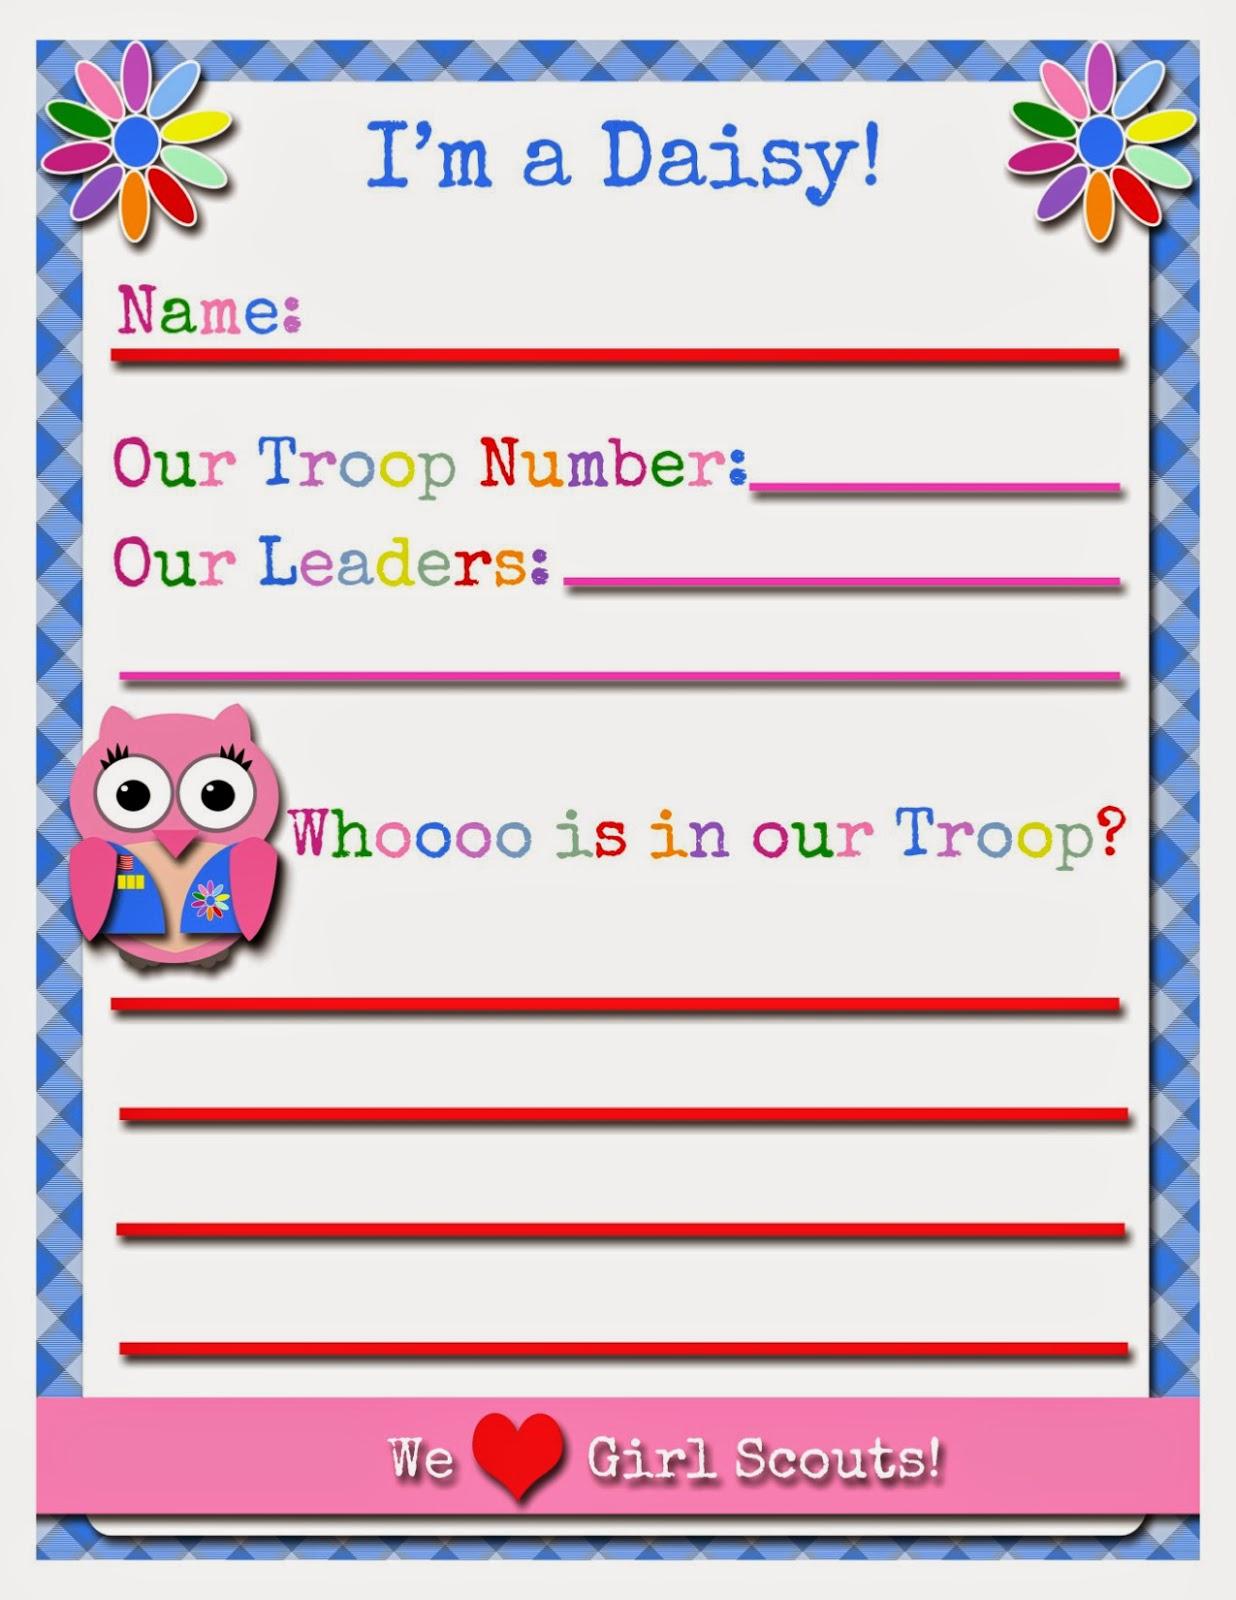 girl scout calendar template - 2015 attendance calendar free search results calendar 2015